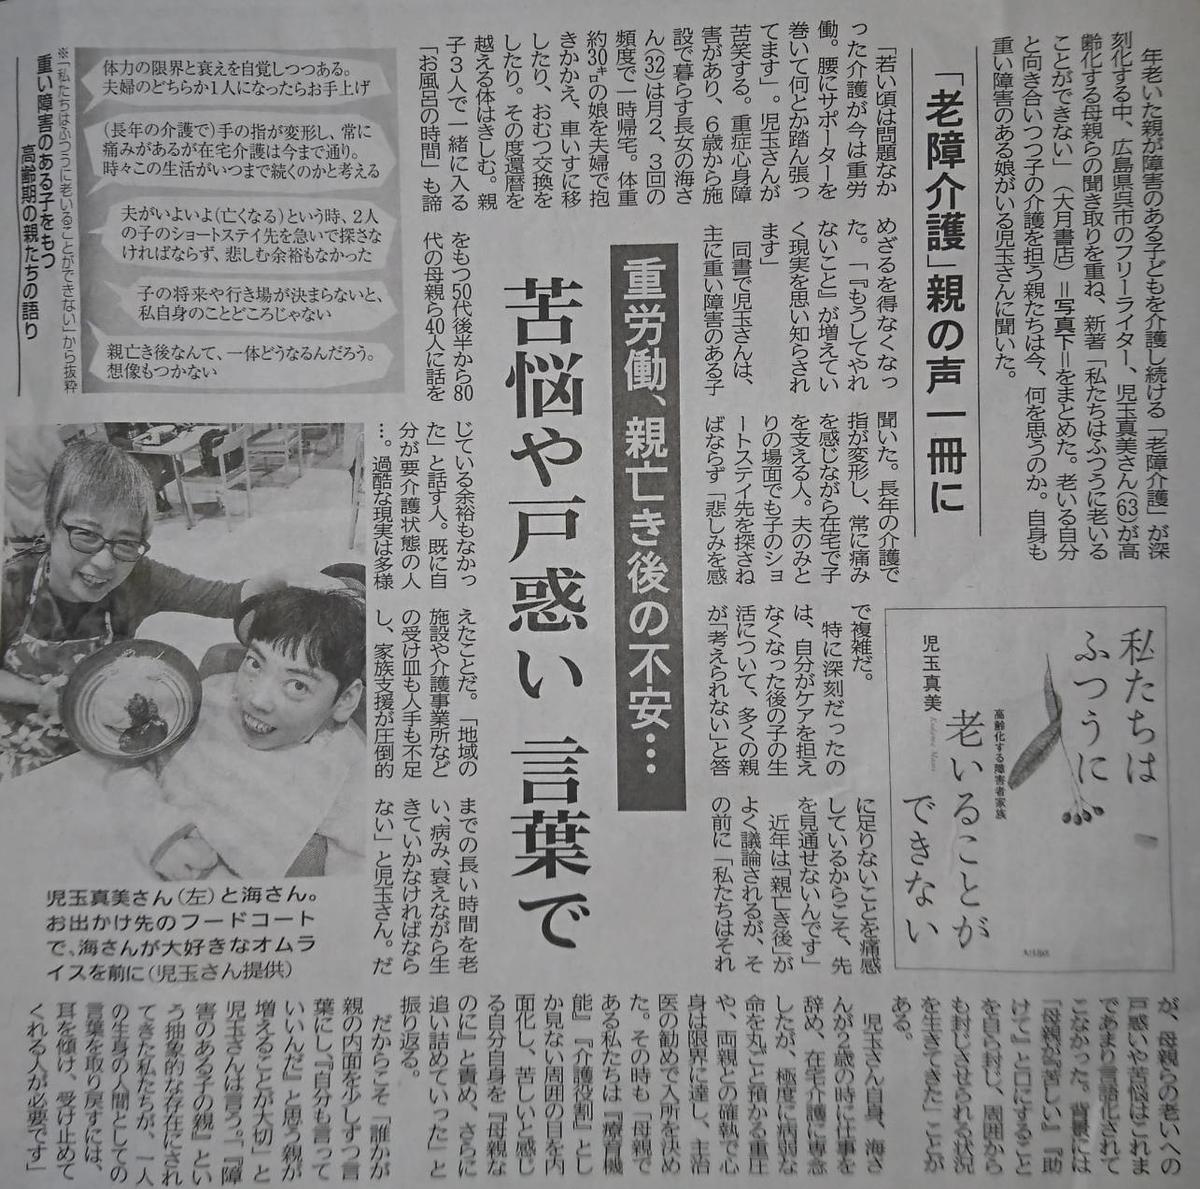 f:id:kazura-kobayashi:20200803221901j:plain